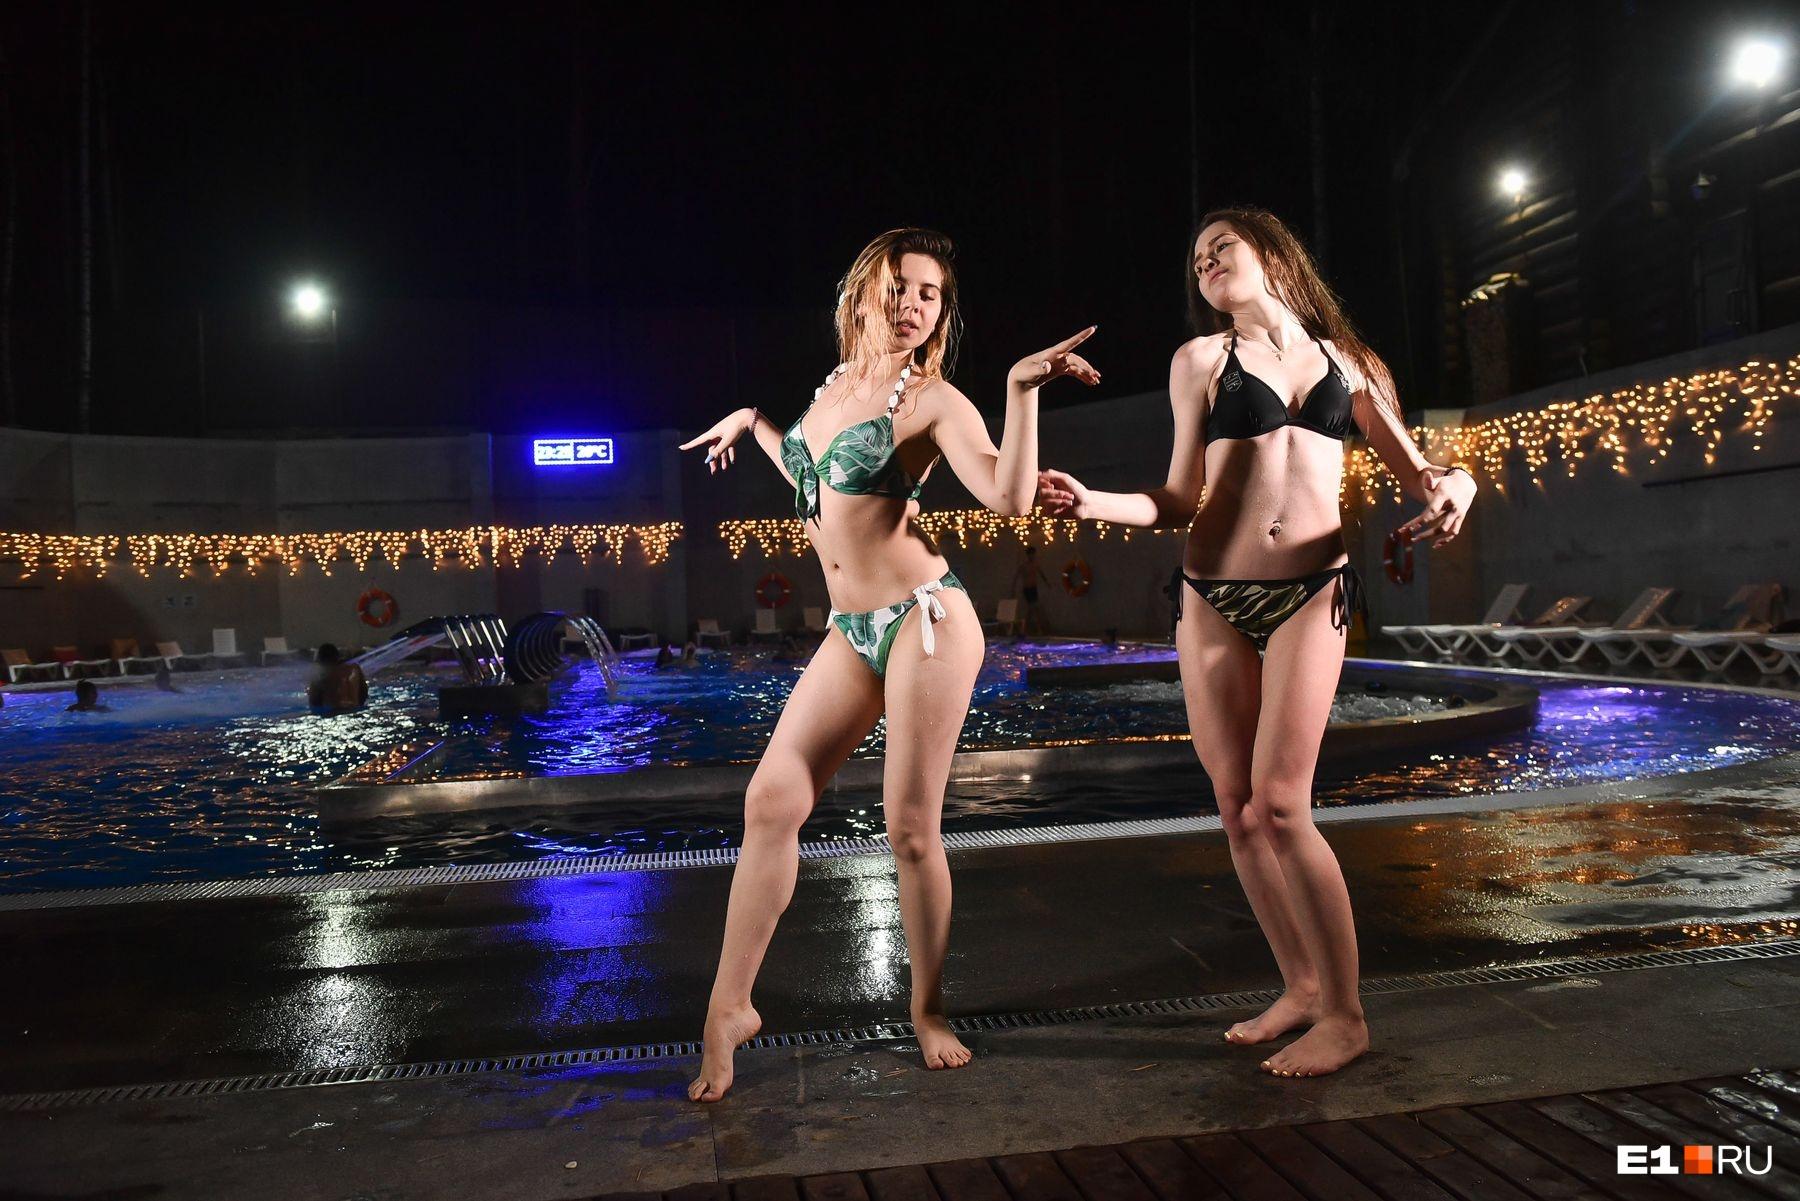 У бассейна играла музыка, и многие просто танцевали